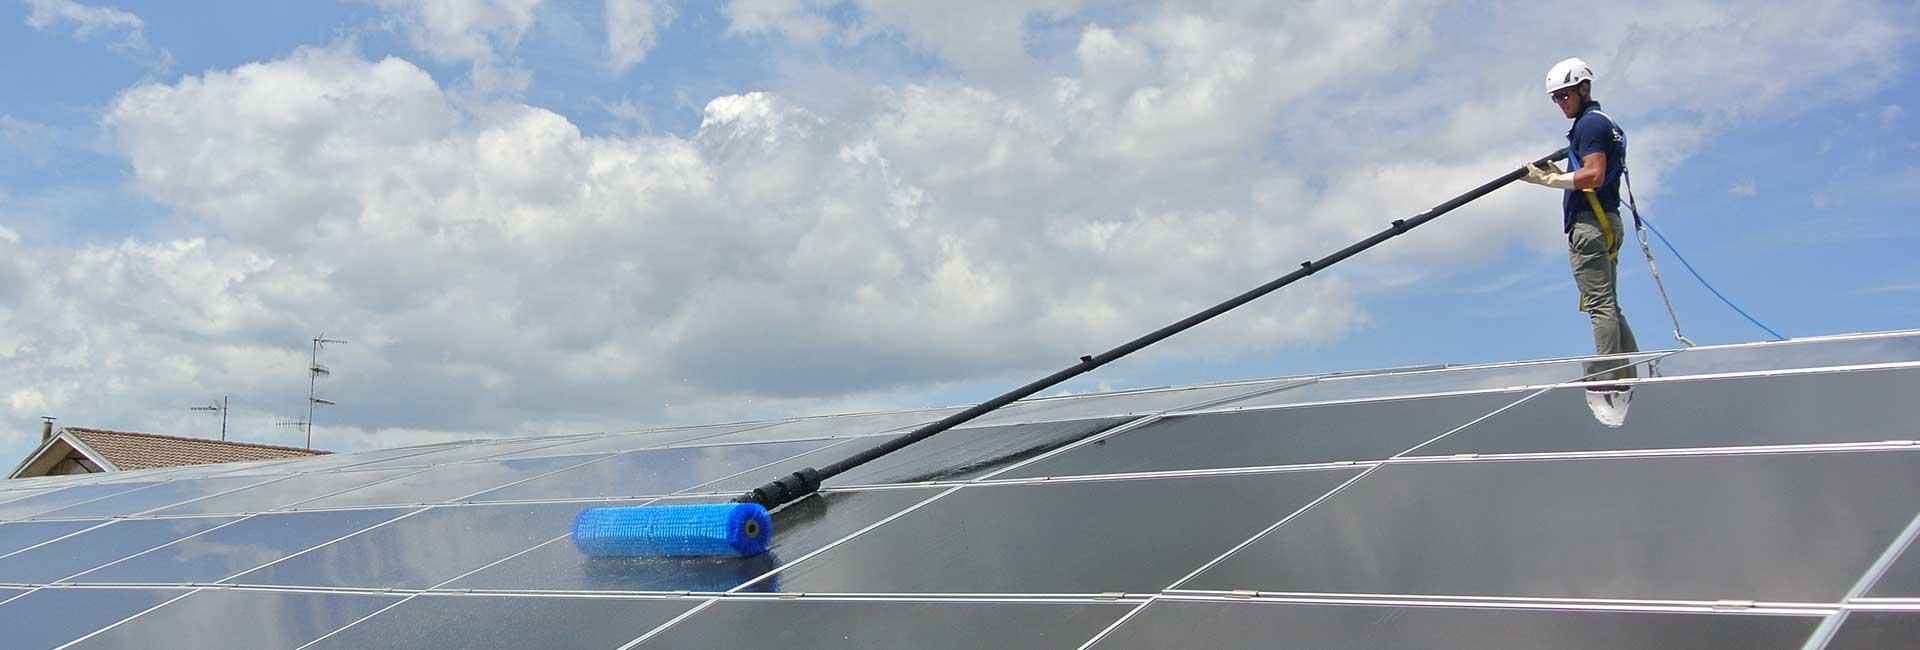 PV-Reinigung vom Dach